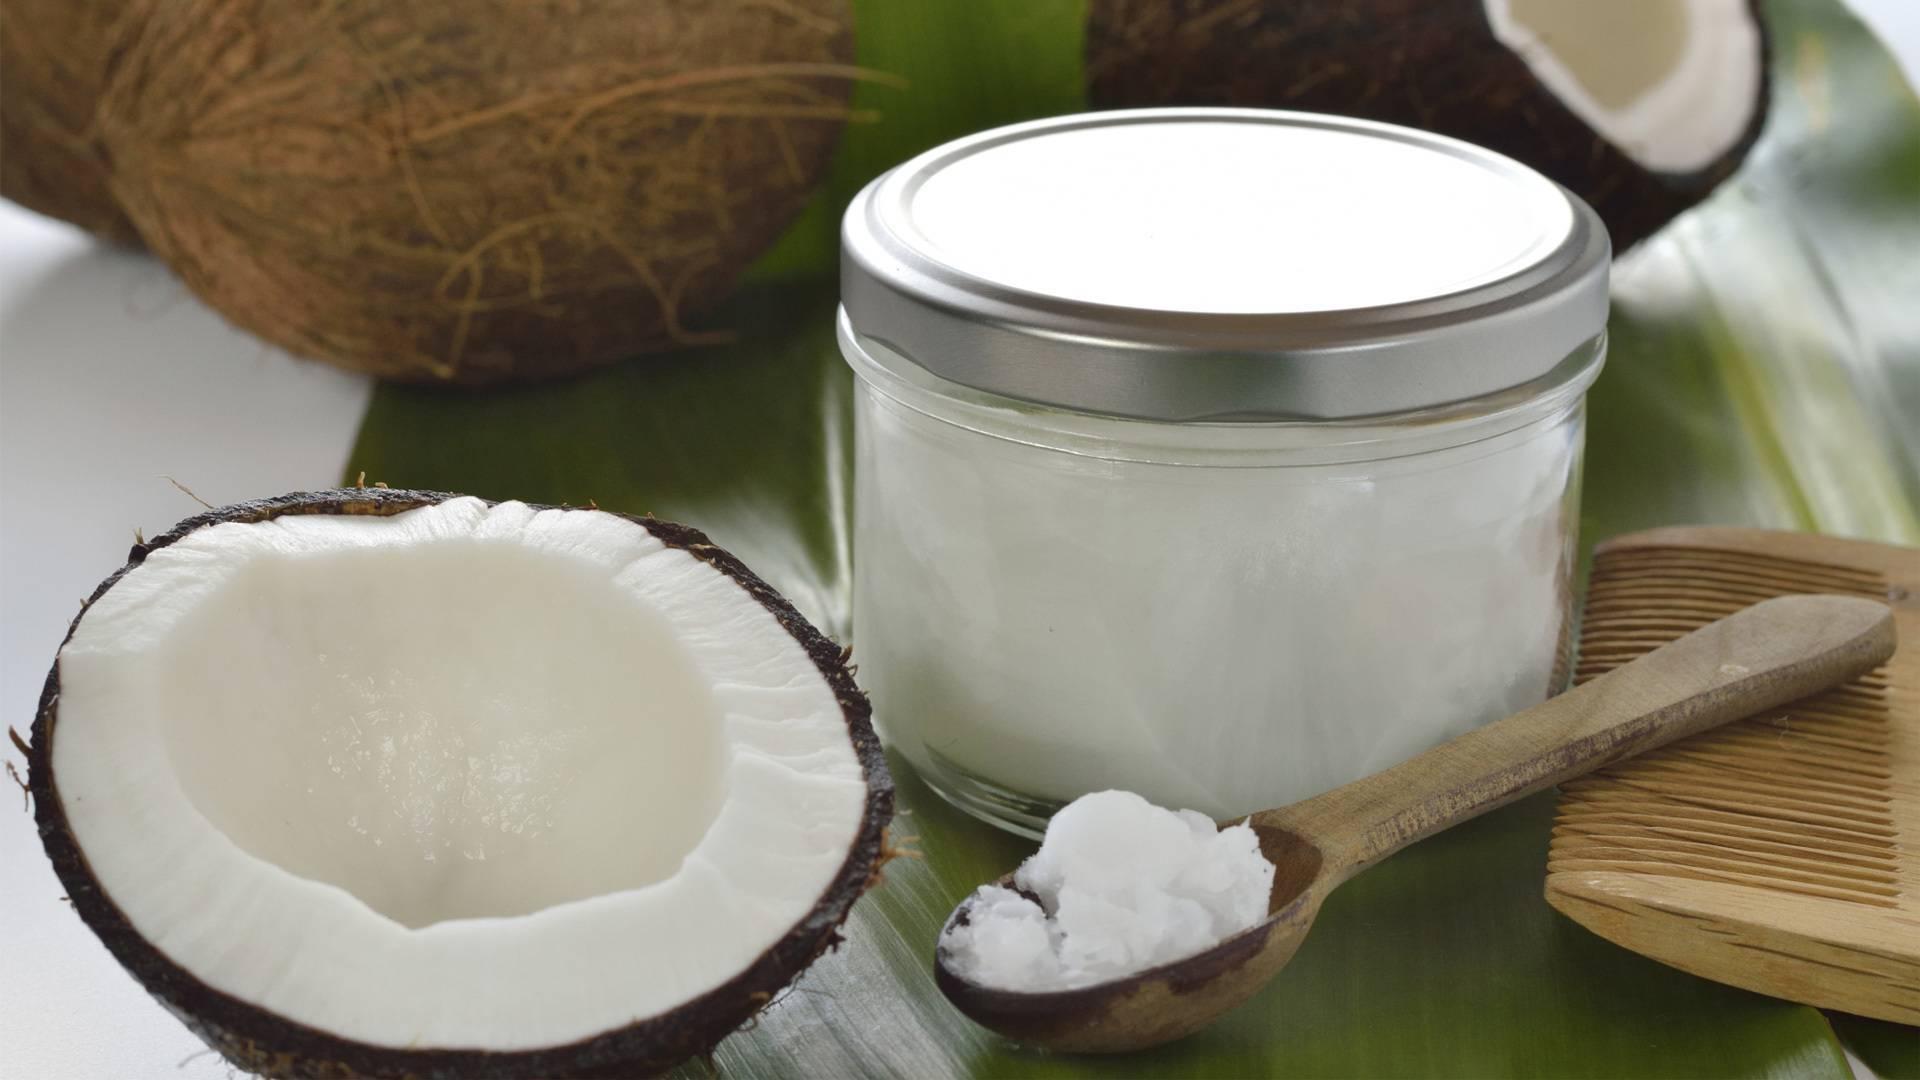 Почему кокосовое масло загустело? как его разжижить опять? купила в индии кокосовое масло... - стиль и красота - вопросы и ответы